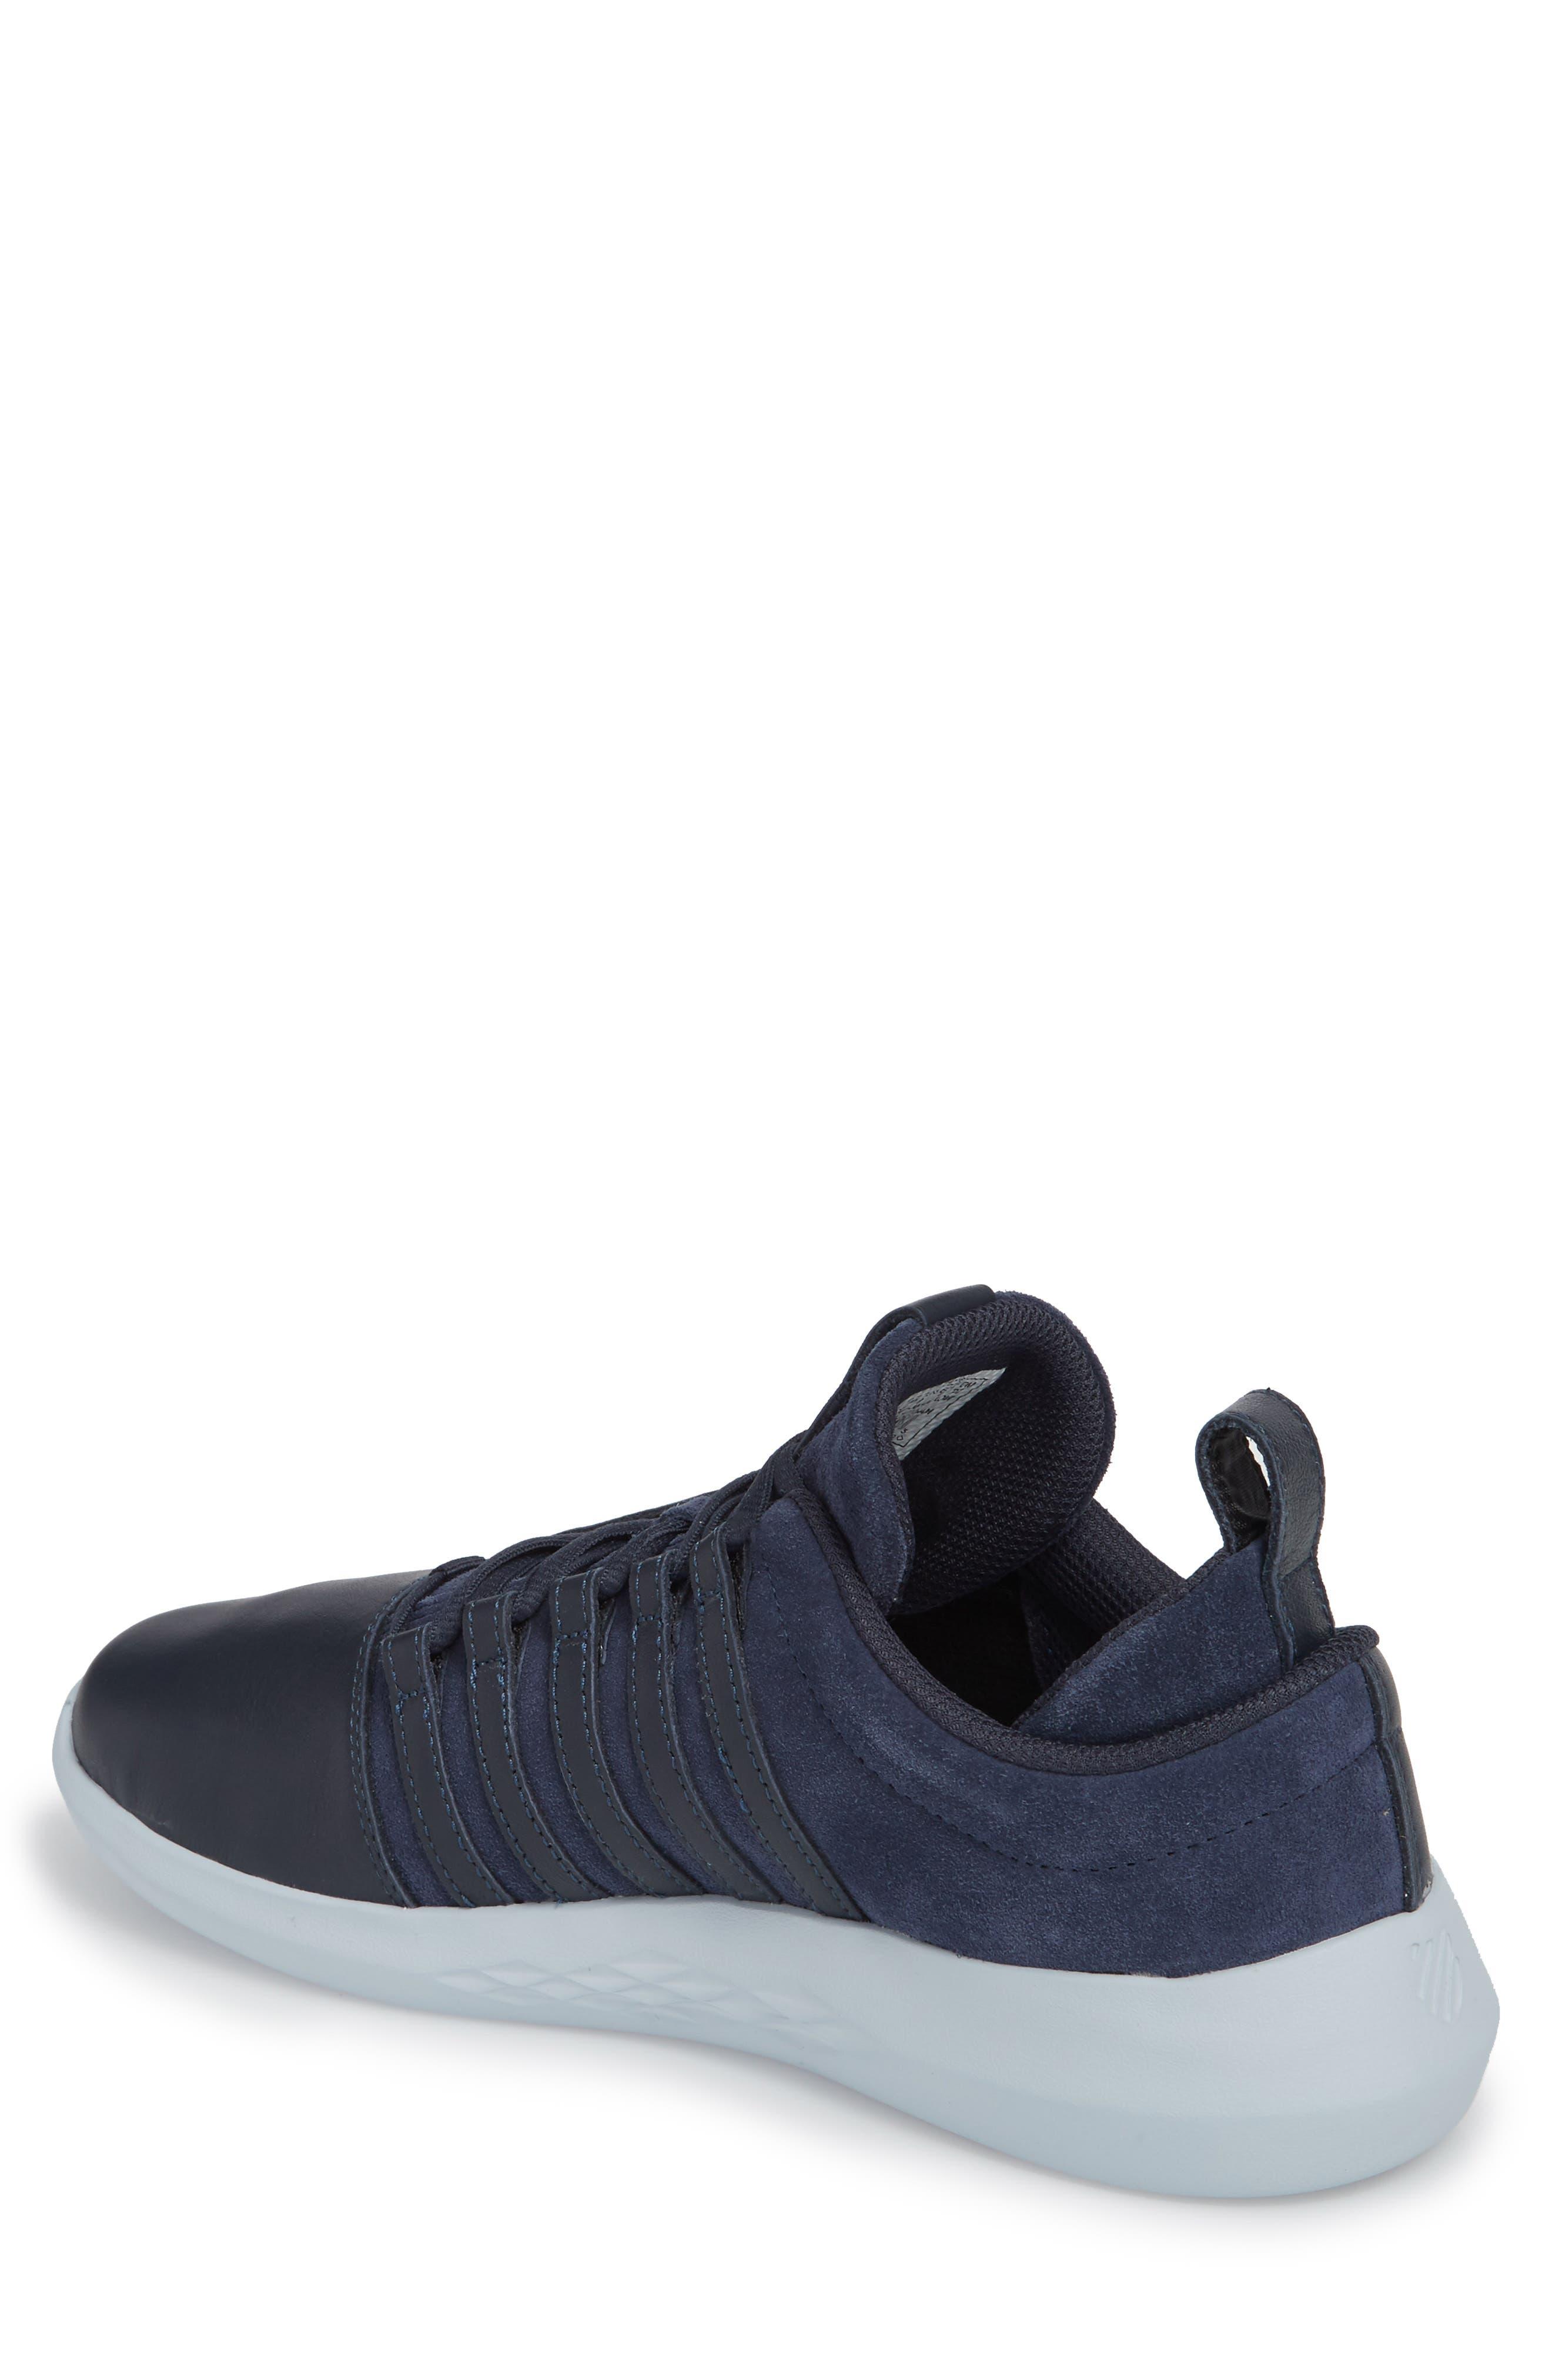 Gen-K Icon Sneaker,                             Alternate thumbnail 2, color,                             Navy/Celestial Blue